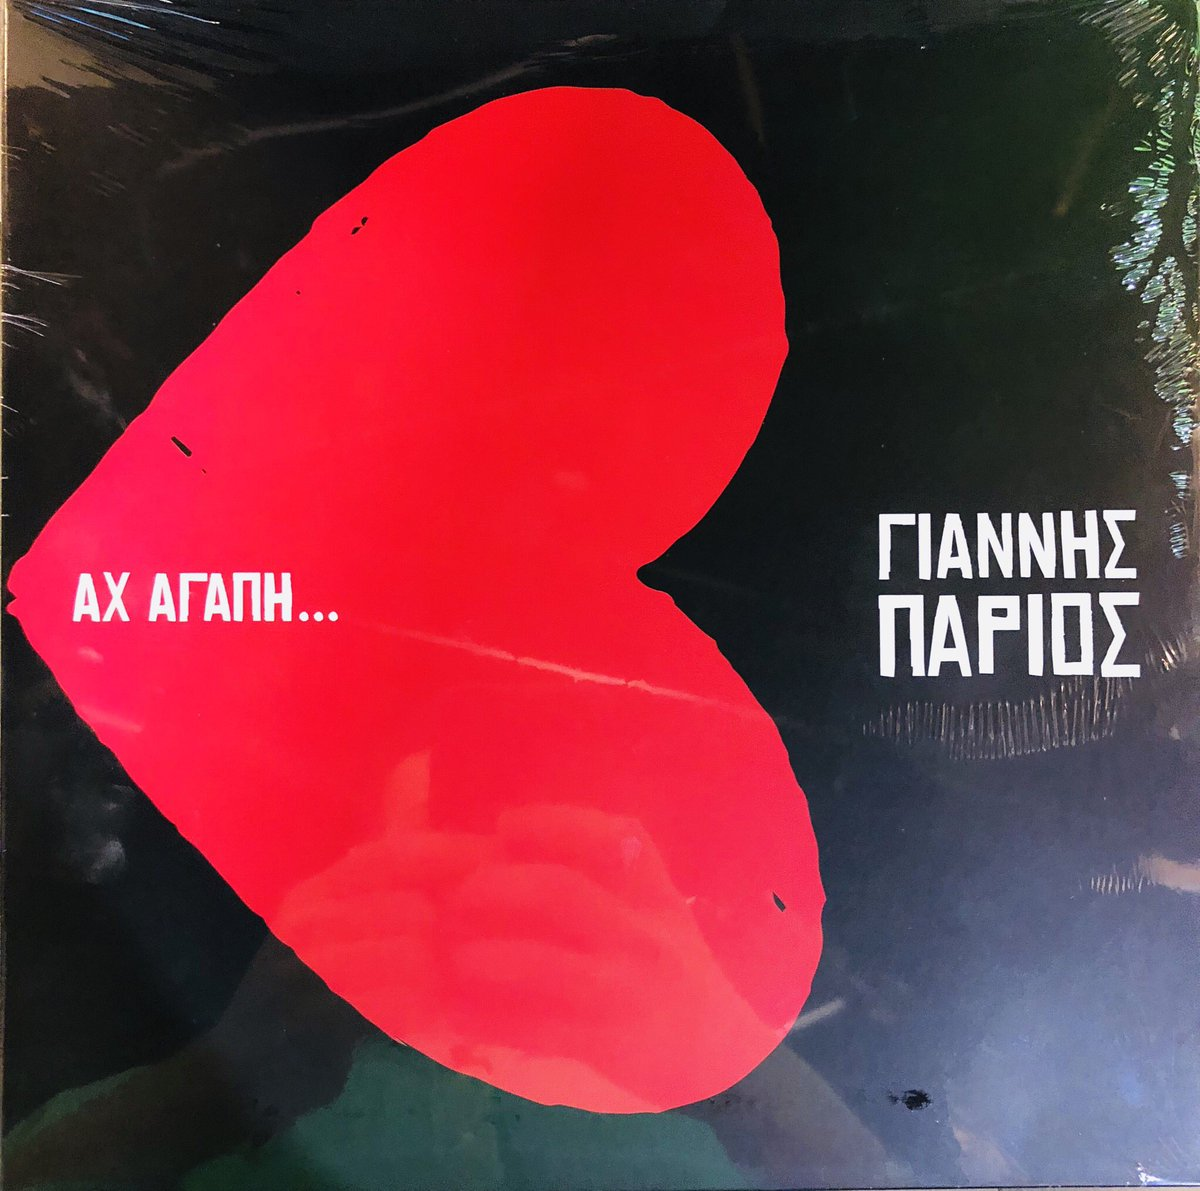 Δώρο! ⭐️ κάνοντας like, retweet και σχολιάζοντας με το hashtag της εκπομπής μας #kalytera, μπαίνετε στην κλήρωση για να κερδίσετε το διπλό CD του Γιάννη Πάριου «Αχ Αγάπη»!